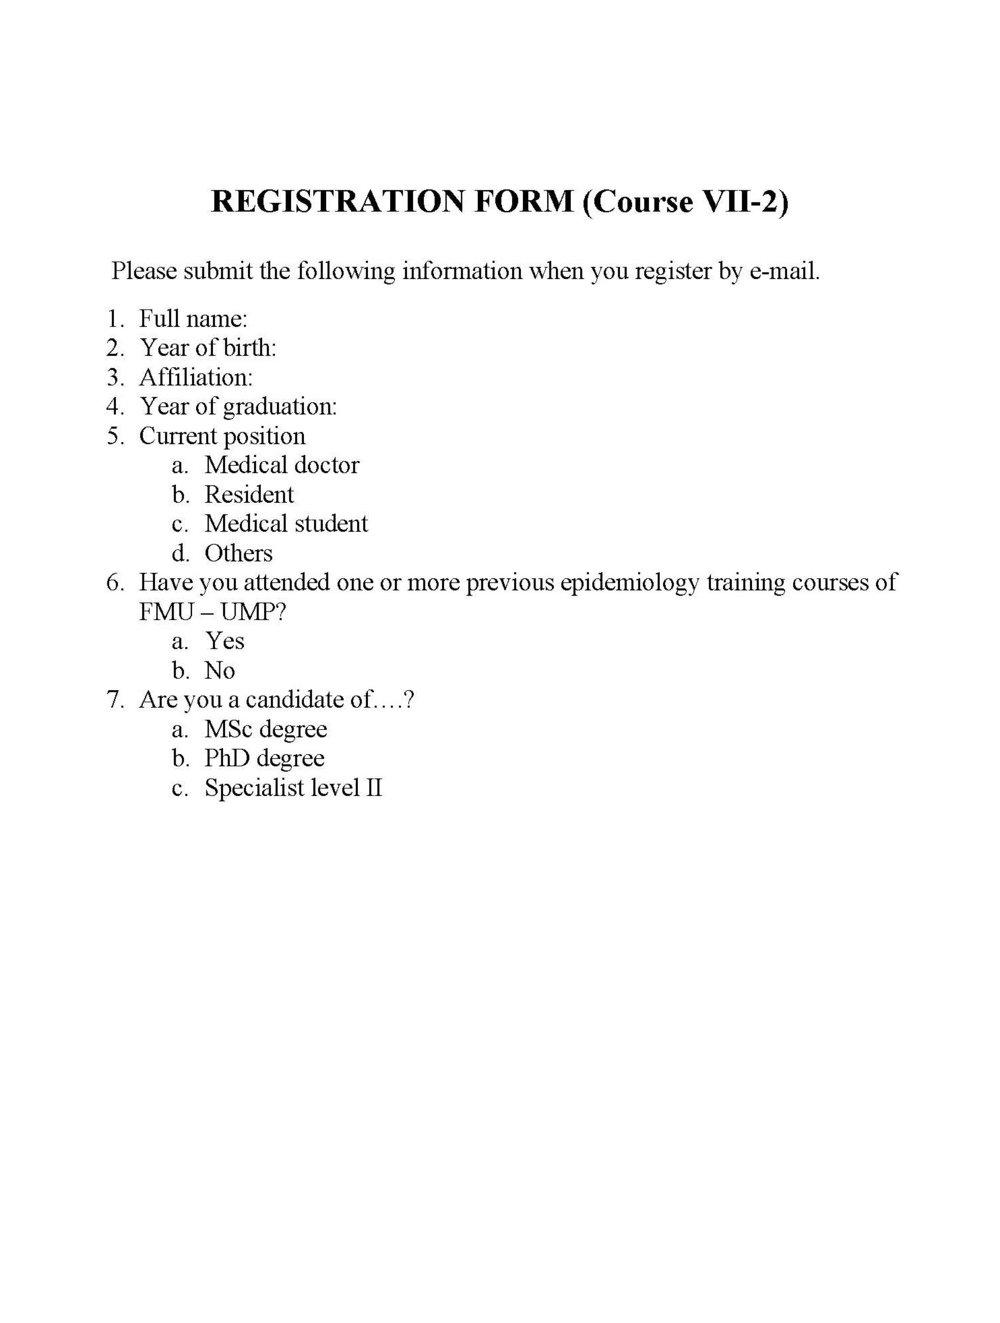 0 register form (3).jpg